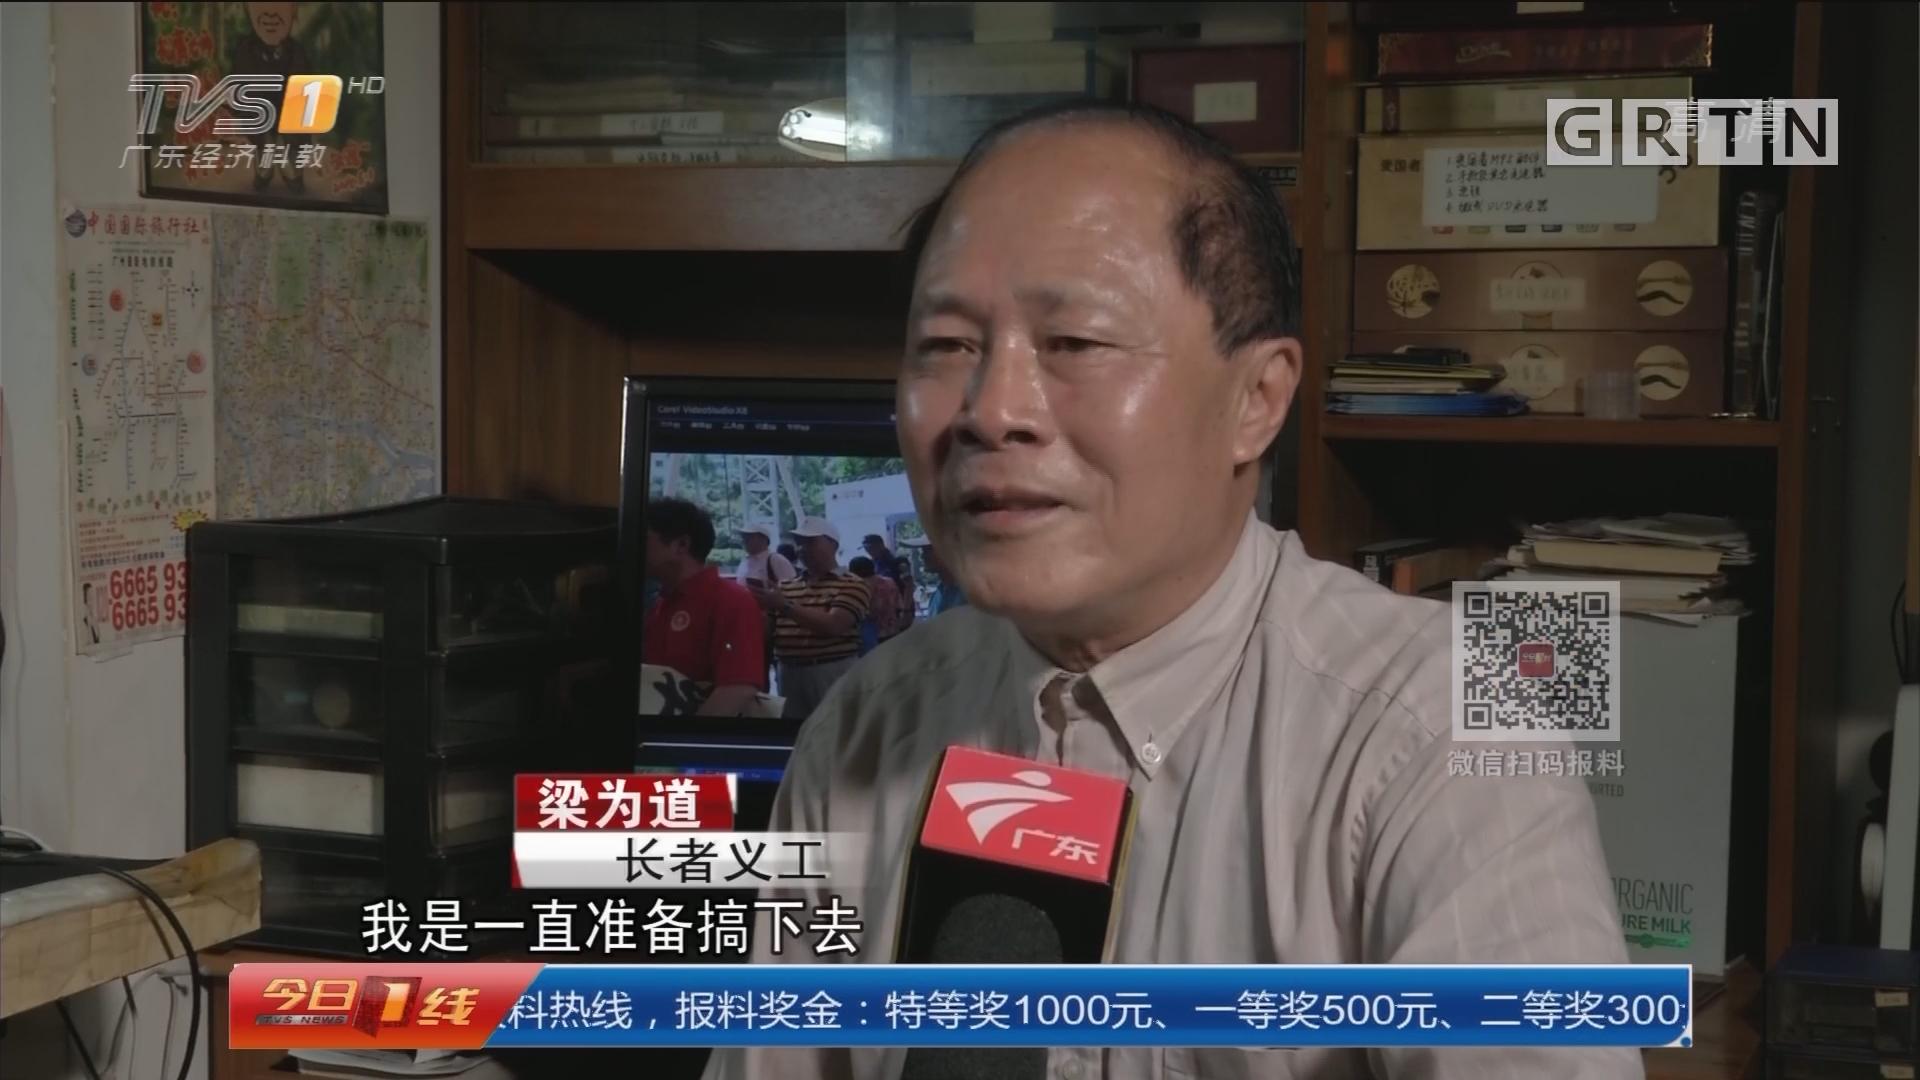 广州:七旬长者义工 用摄像机讲社区故事